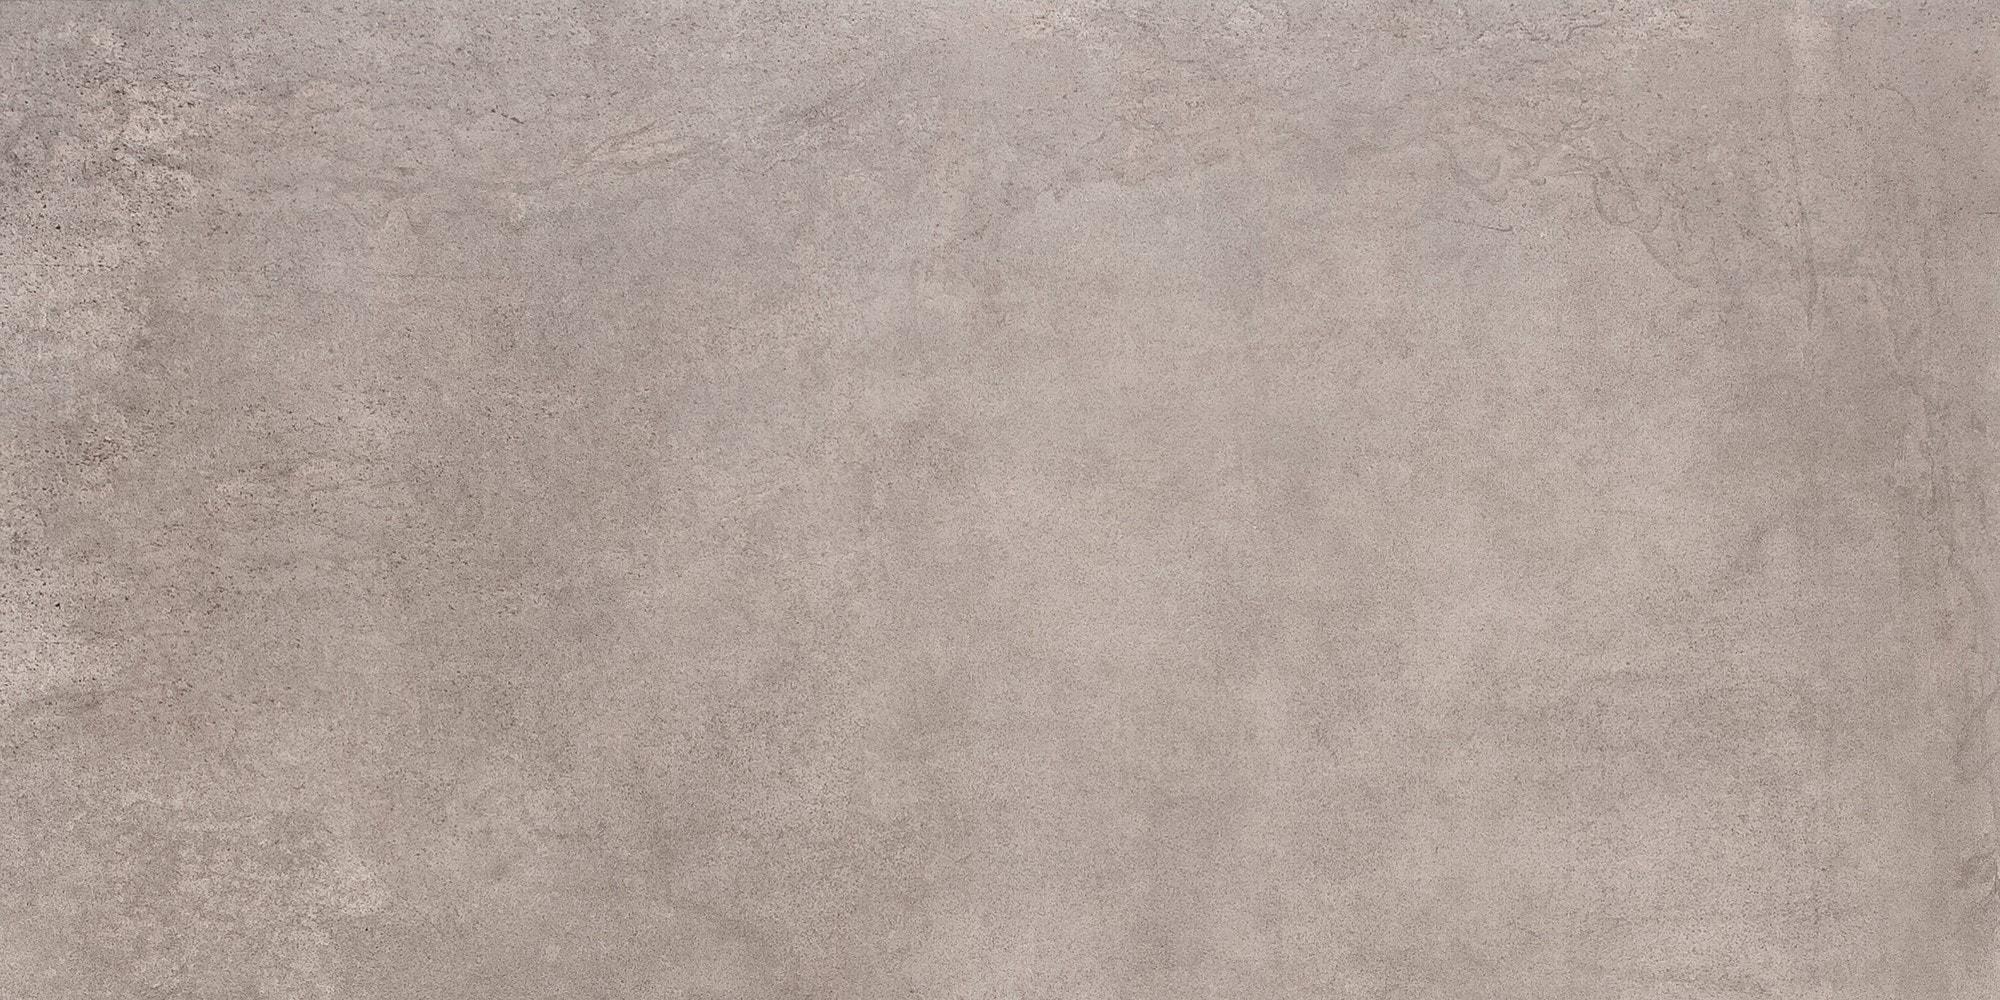 Płytka podłogowa Cerrad Lukka Dust   797x397x9mm 22172